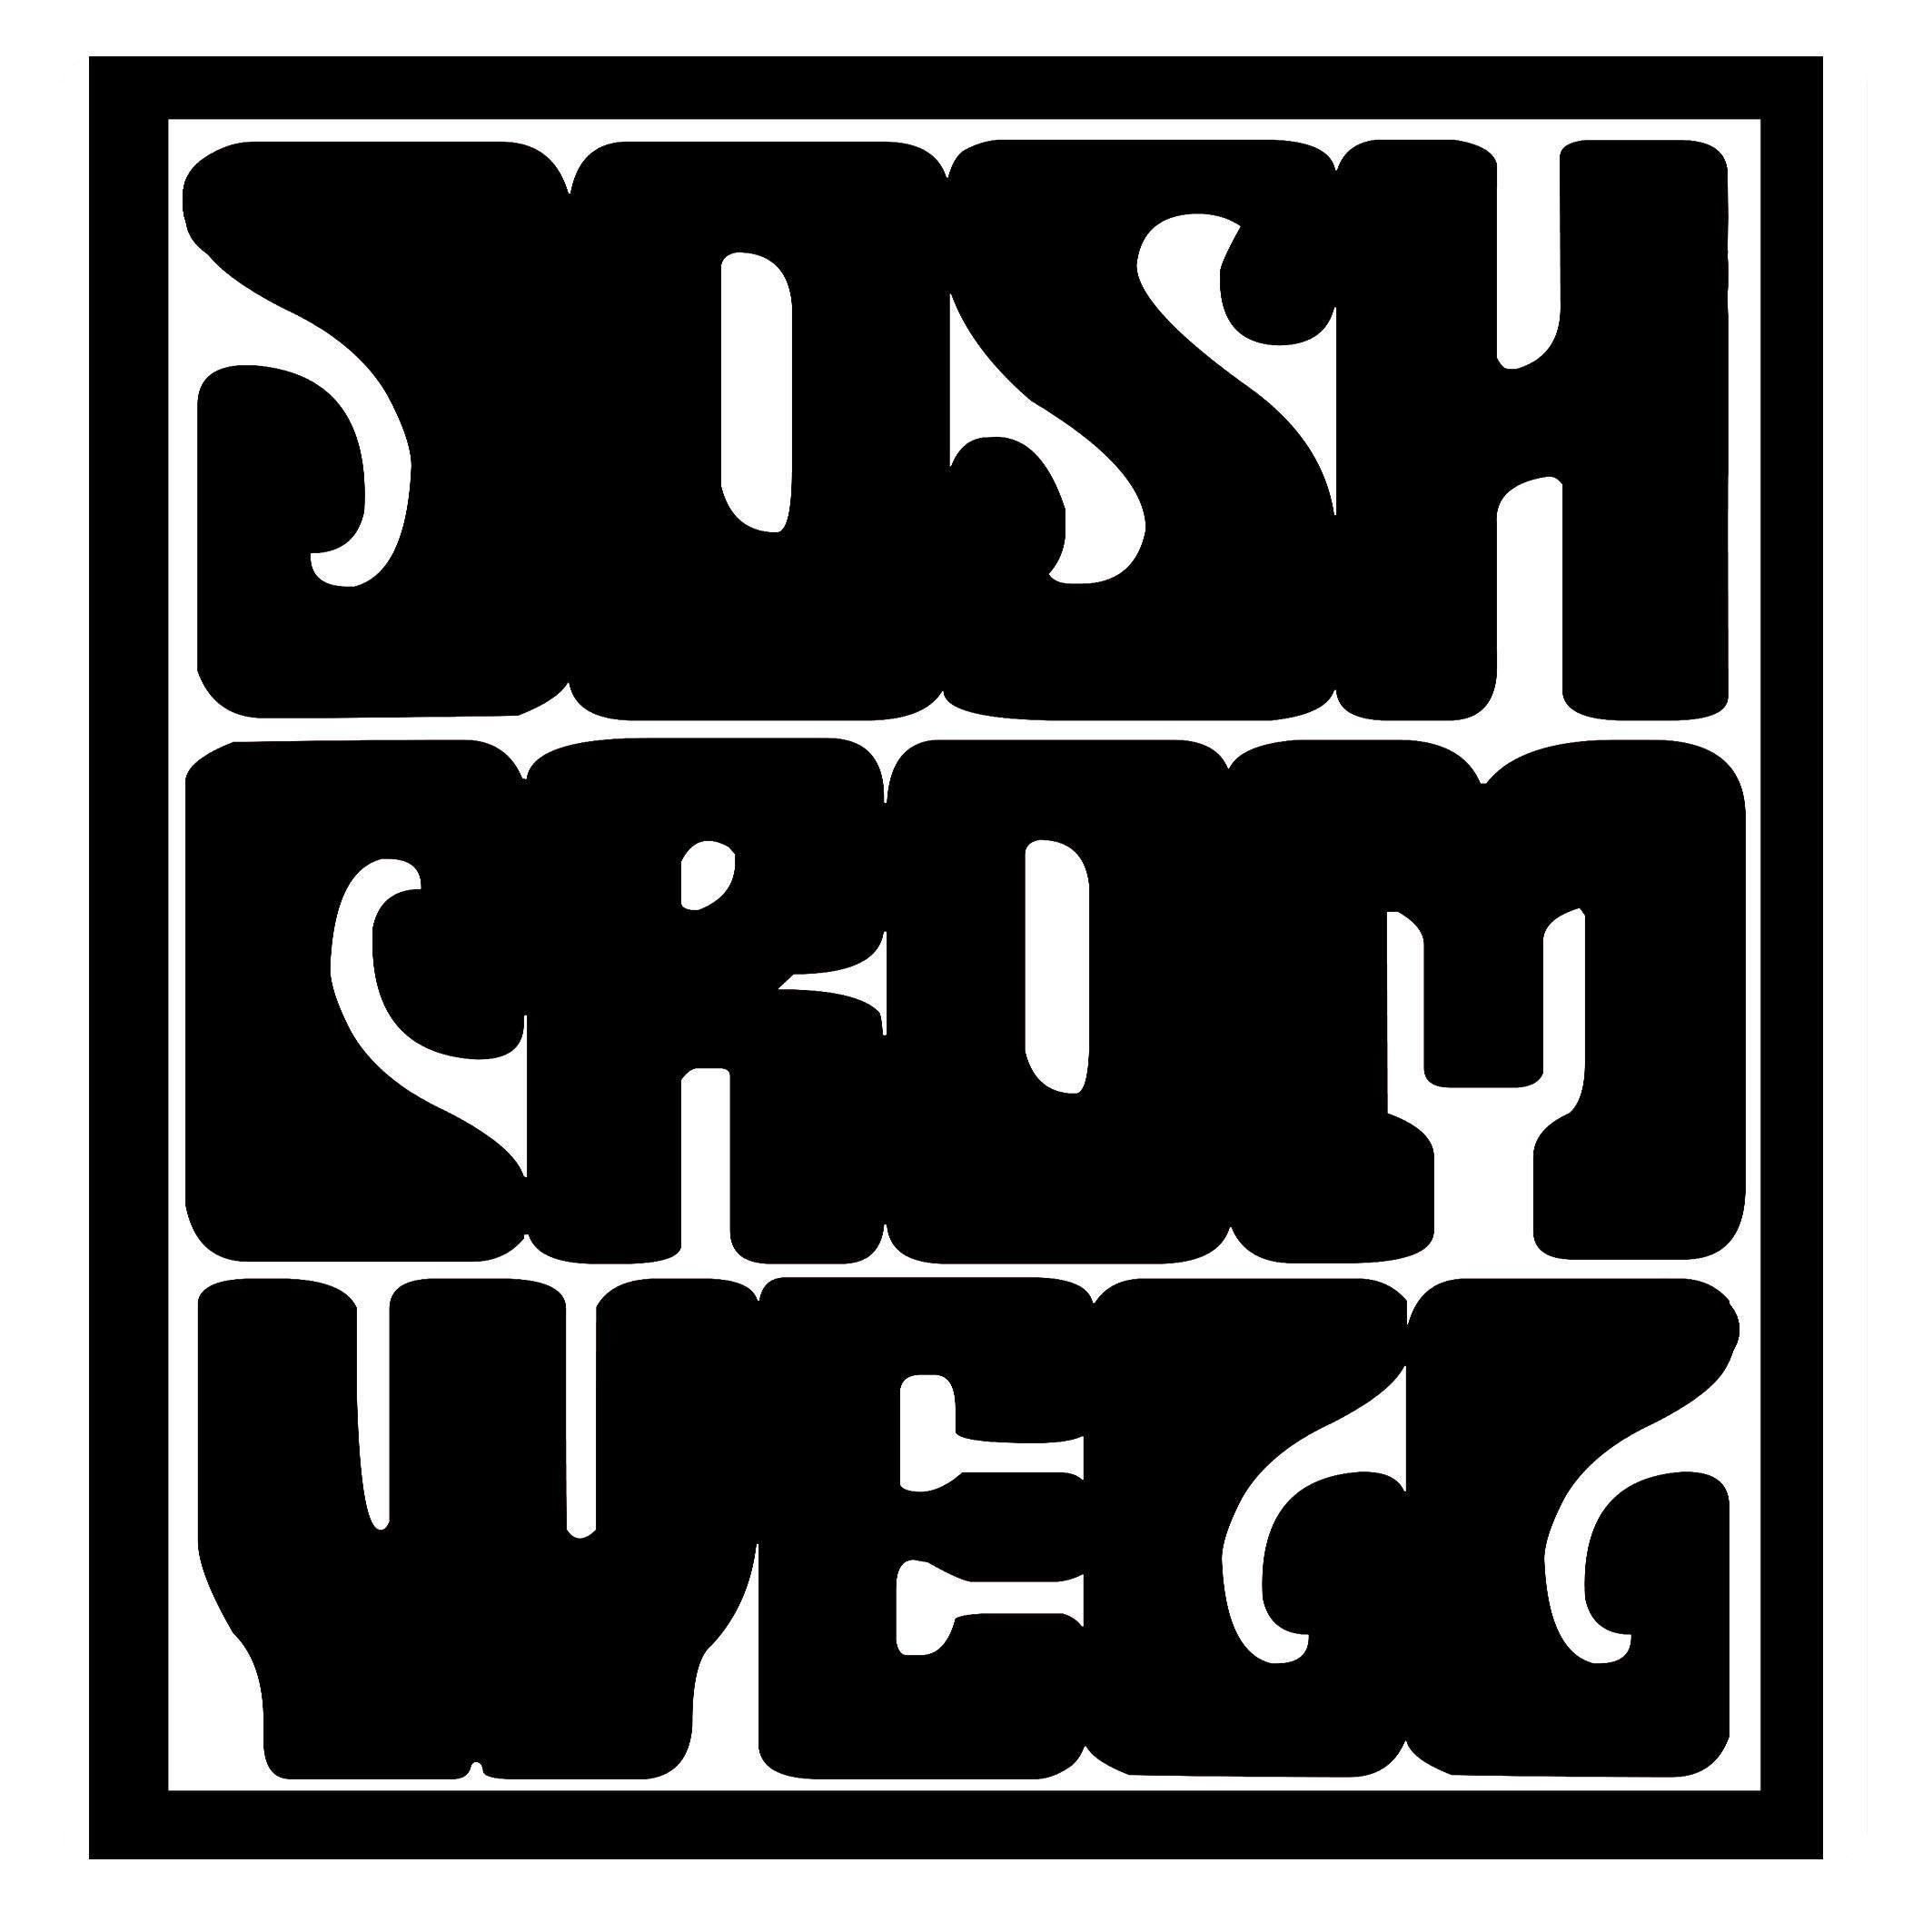 Josh Cromwell